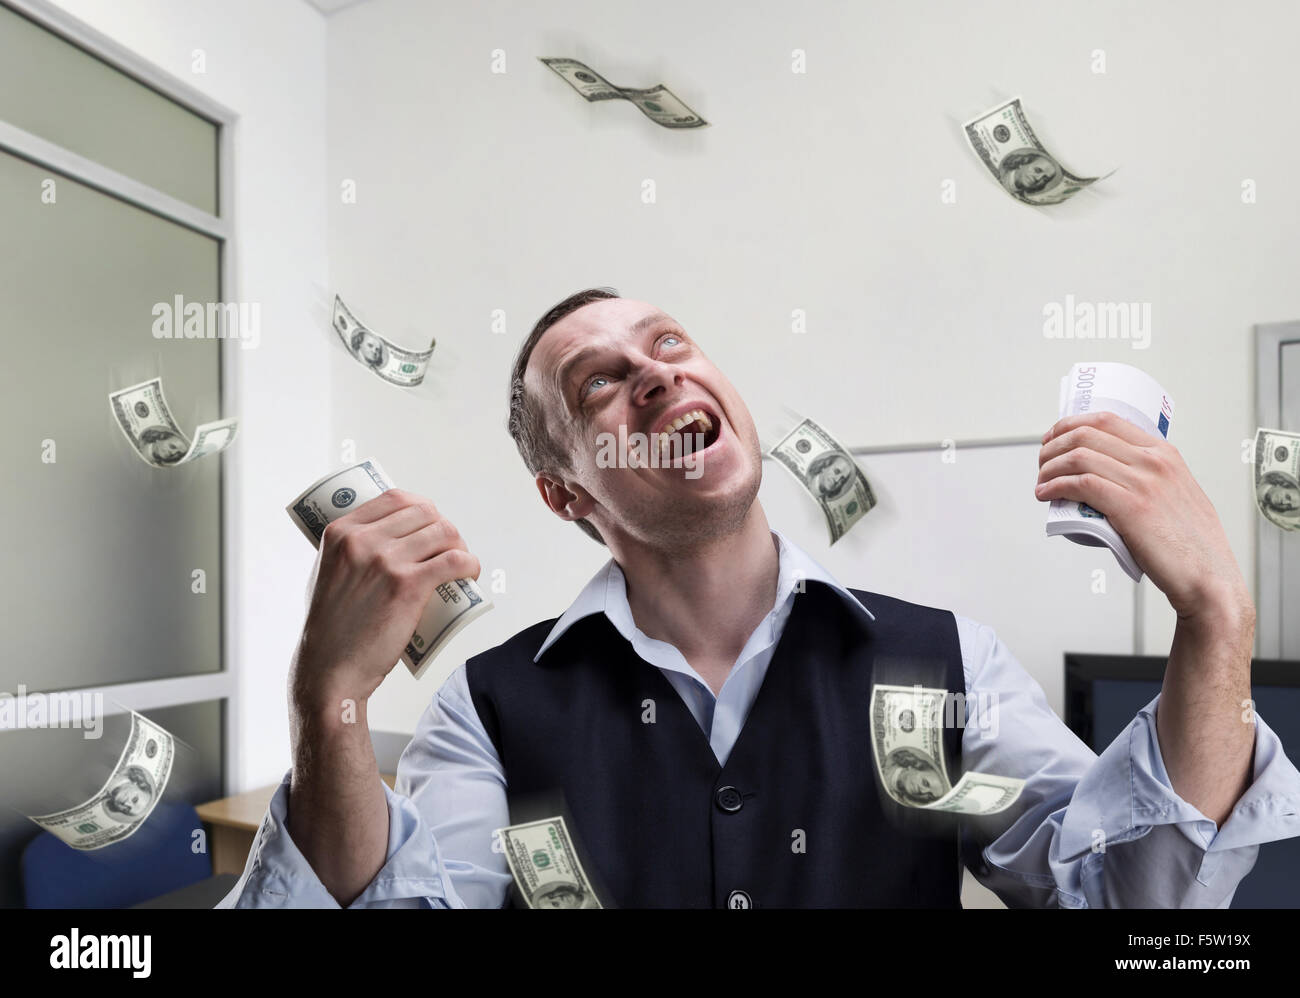 Feliz el empresario tiene dinero y sueños en la oficina Foto de stock